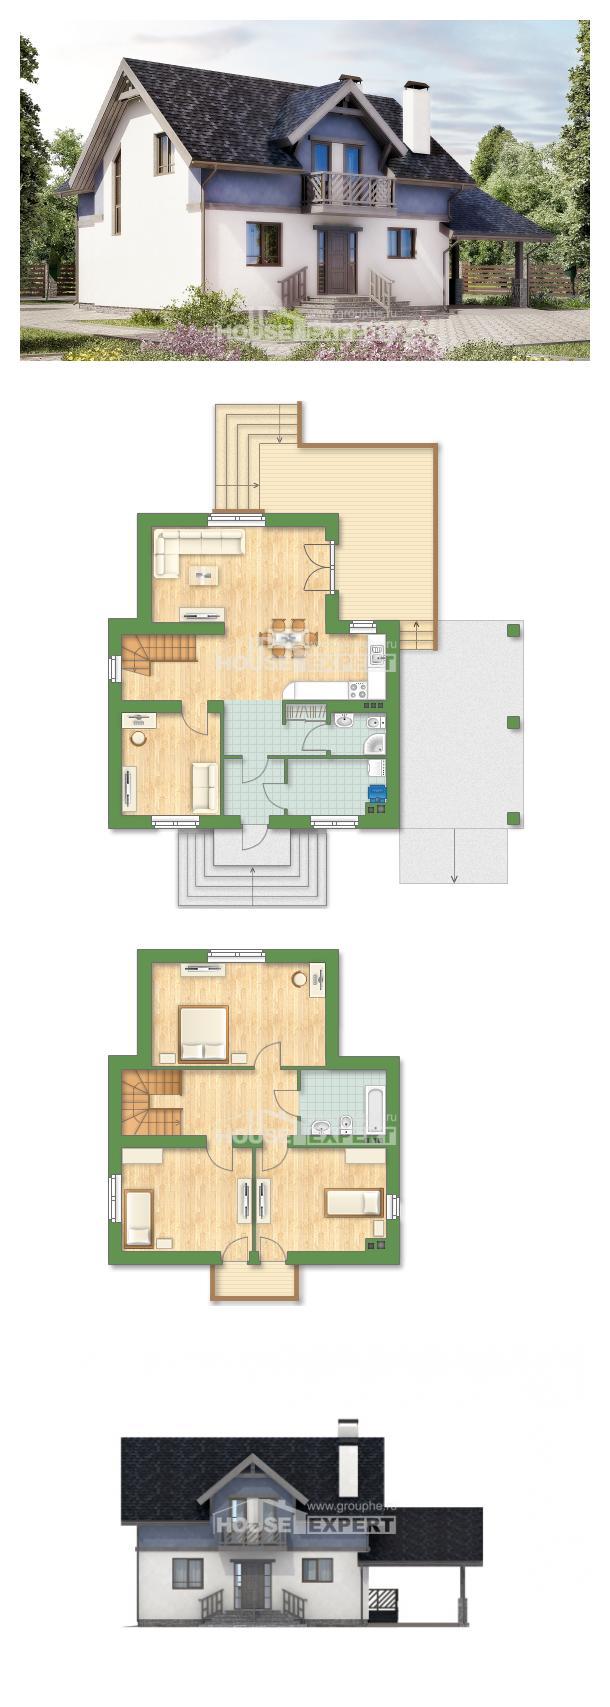 Проект дома 150-011-П   House Expert